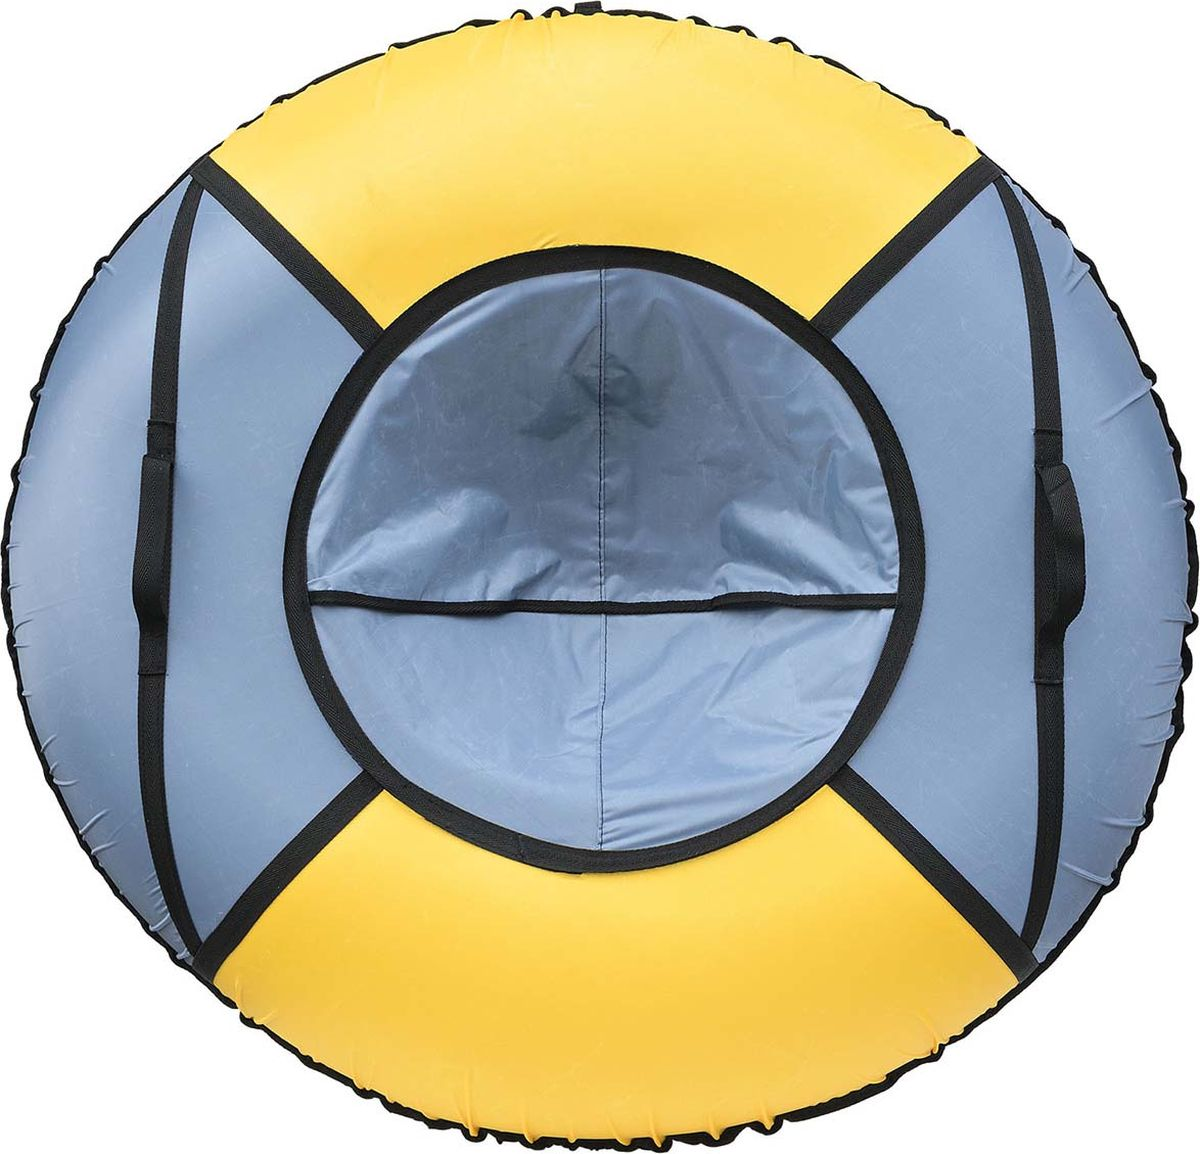 Тюбинг Эх, Прокачу! Эконом-4, цвет: серый, желтый, 100 смСЭ100-4-3Качественные бюджетные санки-ватрушки для катания по снегу из 4 секций * размеры указаны в надутом состоянии * дно изготовлено из ткани ПВХ 630г/м2 * верх изготовлен из ткани Oxford 420гр/м2 * камера российского производства * буксировочный ремень * морозоустойчивость -45 * допускается деформация формы санок из-за неравномерности надутия камеры